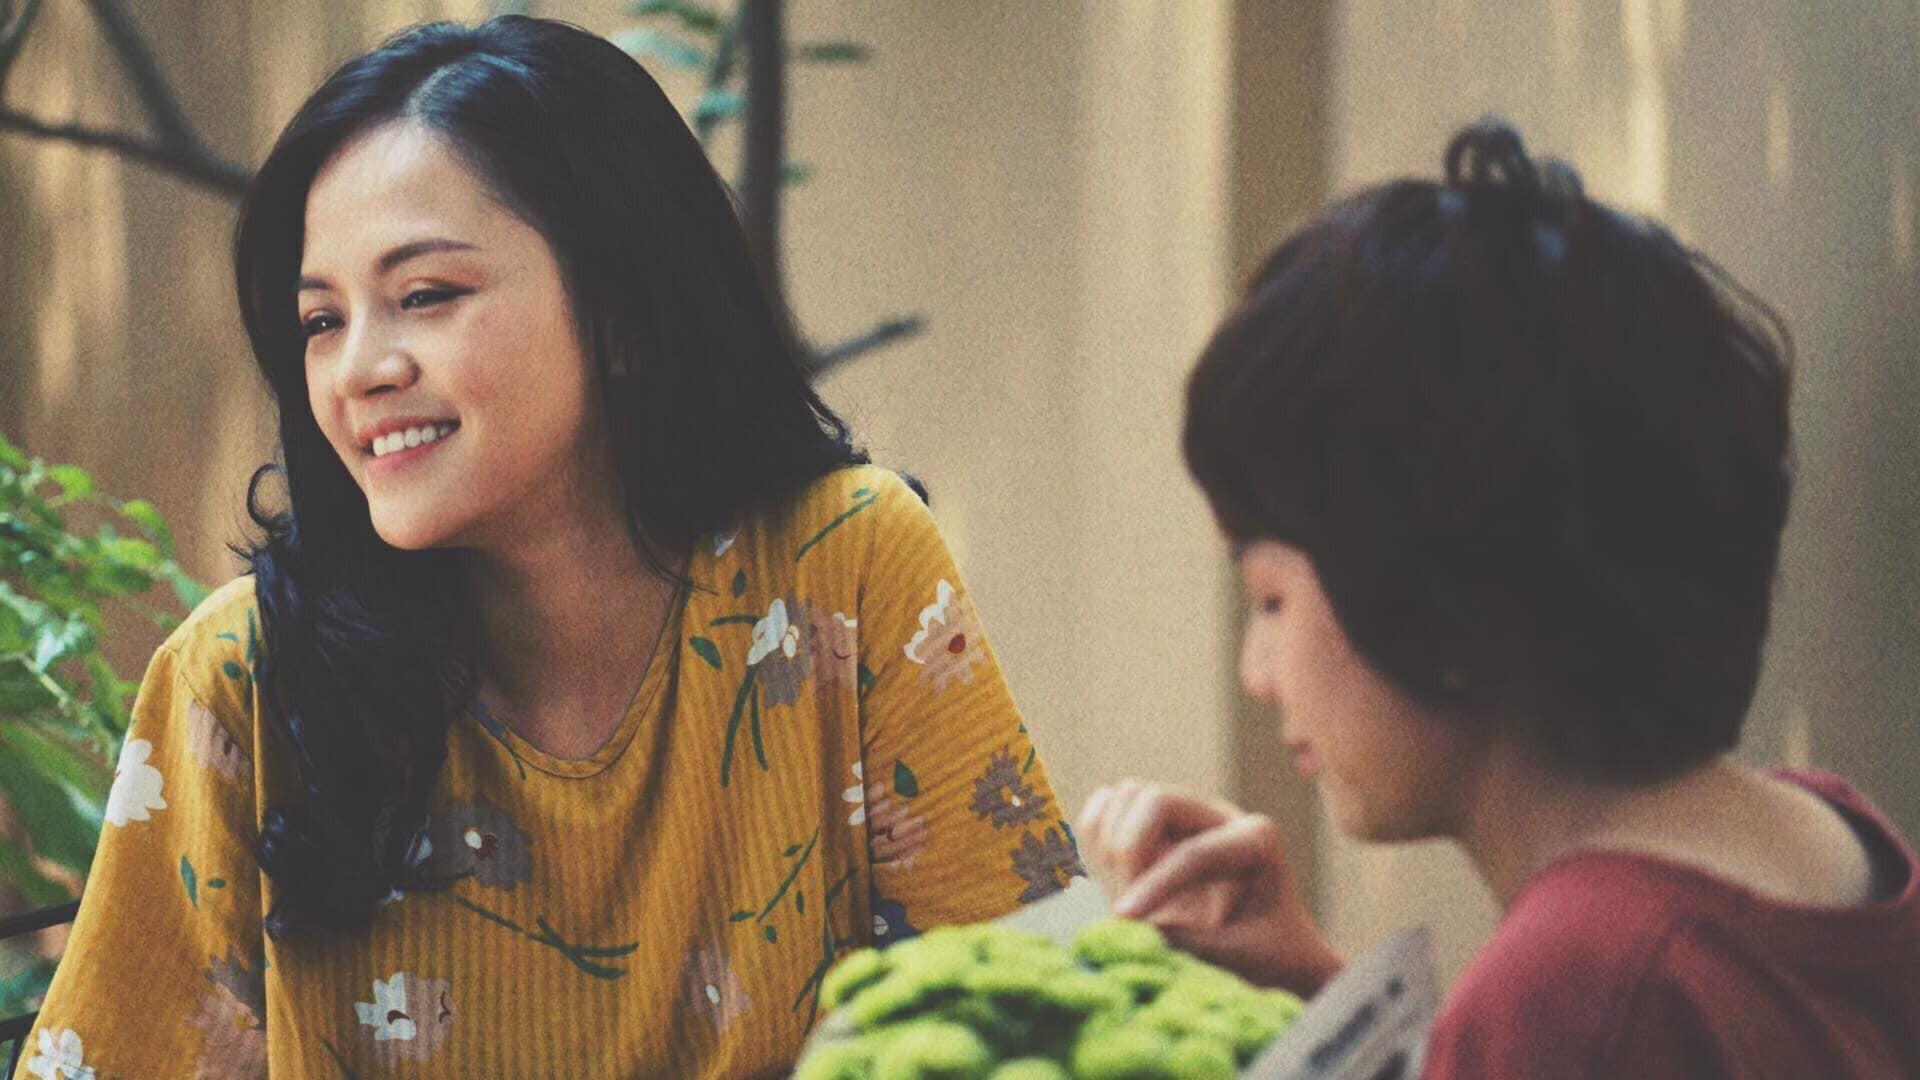 """Dàn diễn viên """"Về nhà đi con"""": Người kết hôn khi còn là sinh viên đại học, người năm lần bảy lượt vướng ồn ào tình cảm - Ảnh 2."""